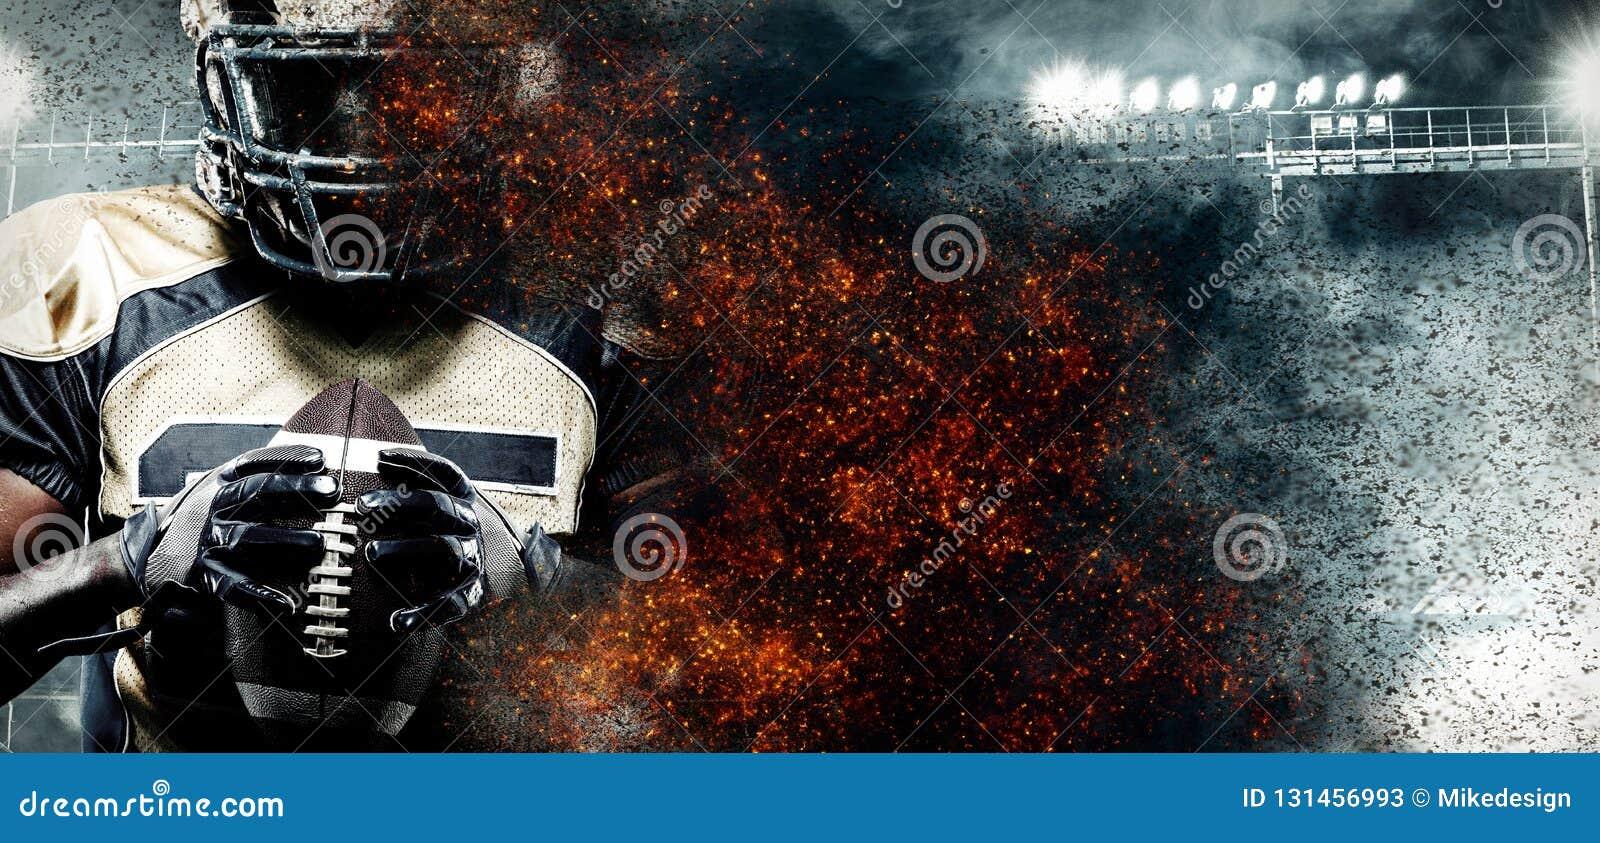 Spieler des amerikanischen Fußballs, Athlet im Sturzhelm auf Stadion im Feuer Sporttapete mit copyspace auf Hintergrund